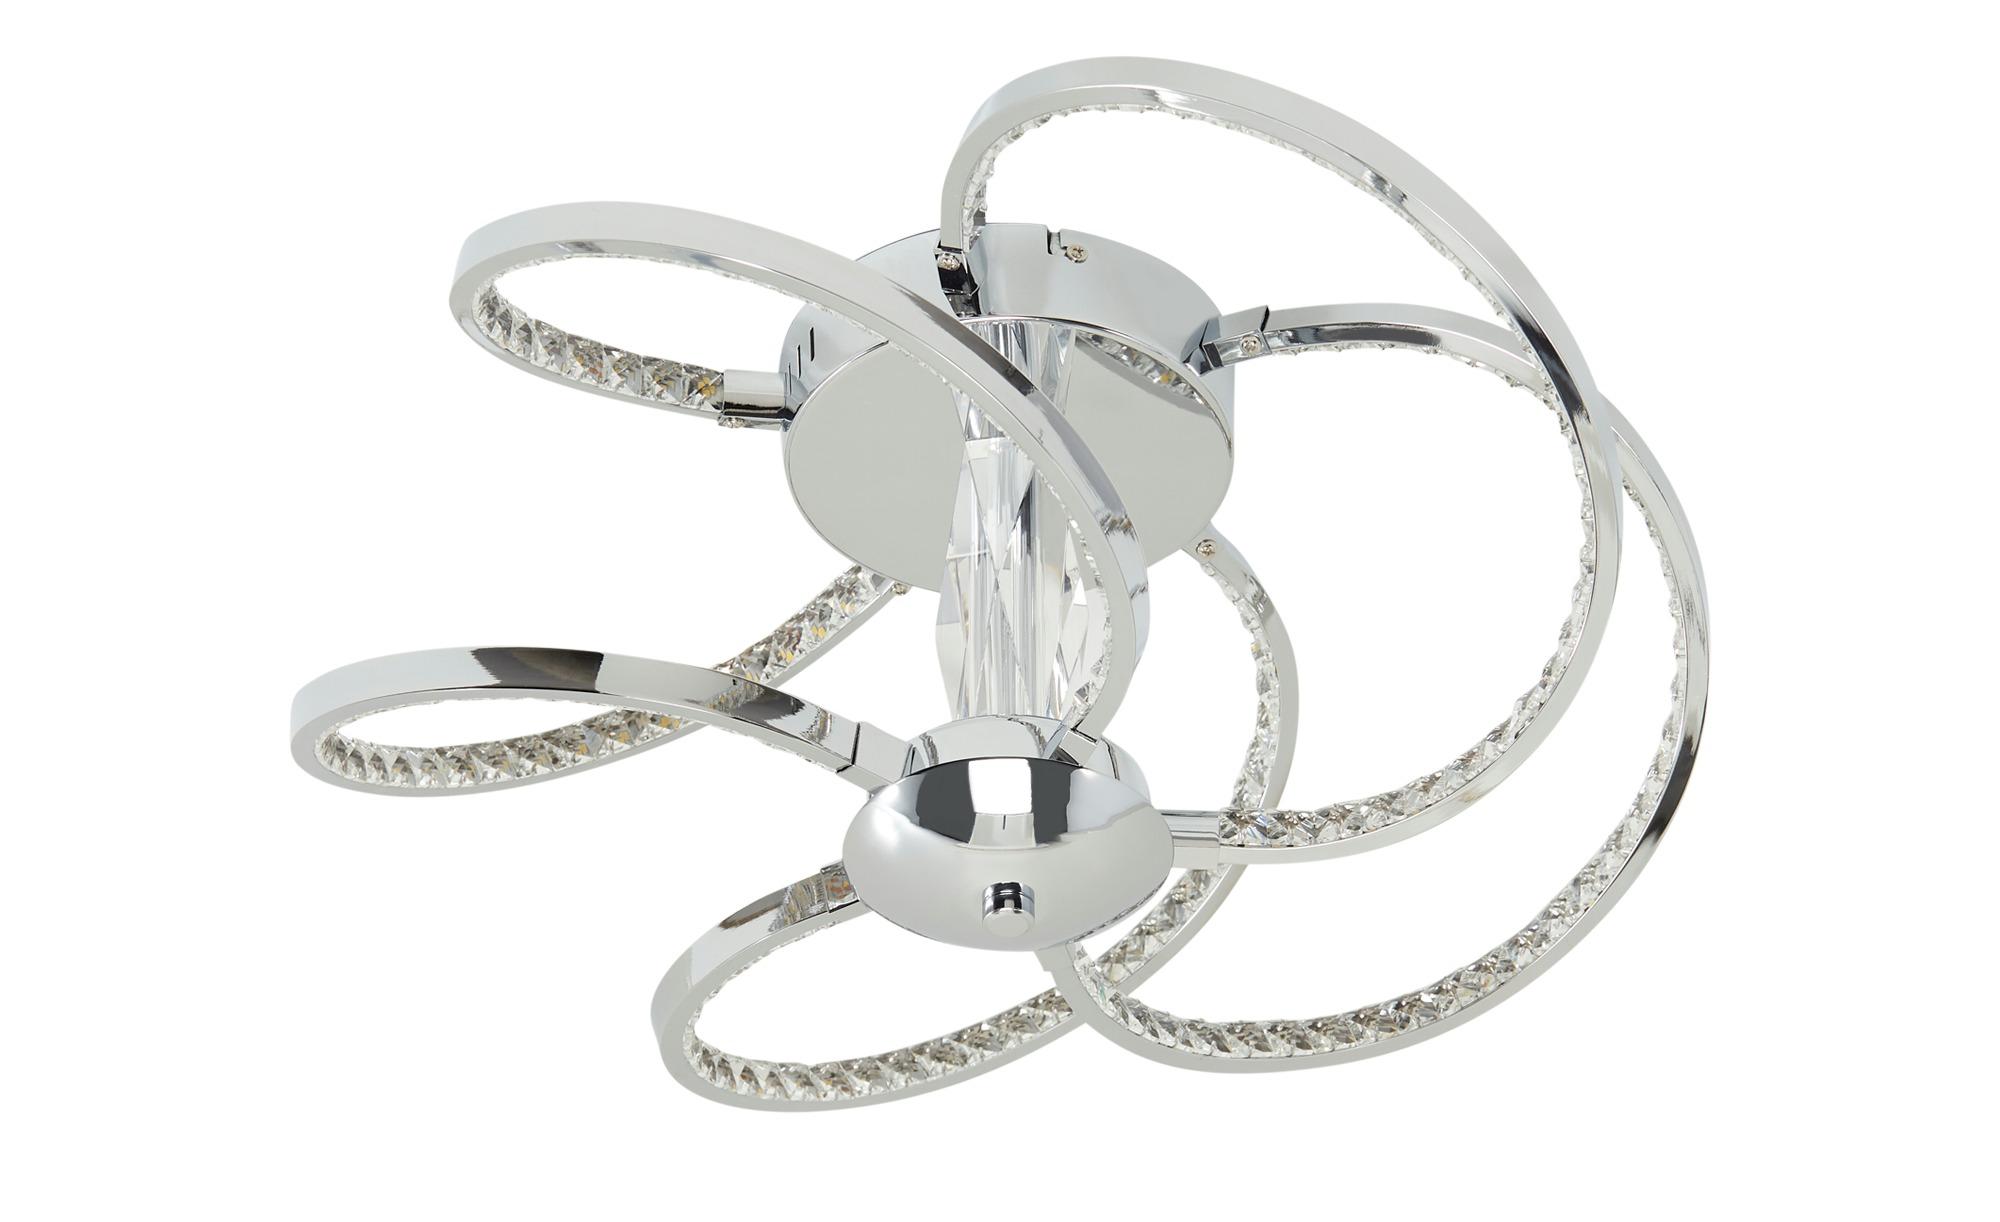 KHG LED-Deckenleuchte, 5-flammig, chrom/ Kristallglas ¦ silber ¦ Maße (cm): H: 20 Ø: 48 Lampen & Leuchten > Innenleuchten > Deckenleuchten - Höffner